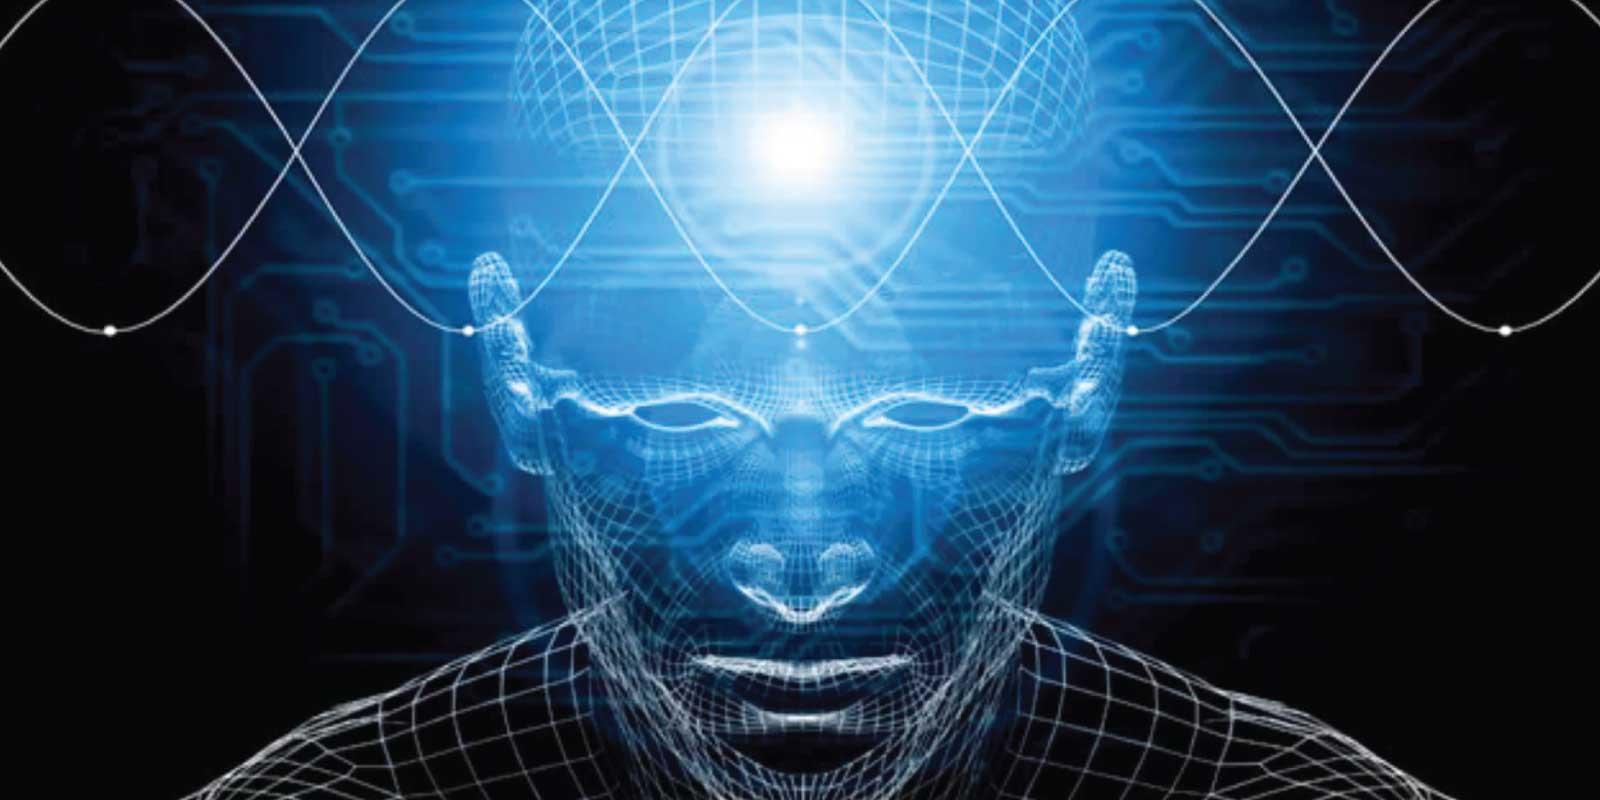 Human infinity